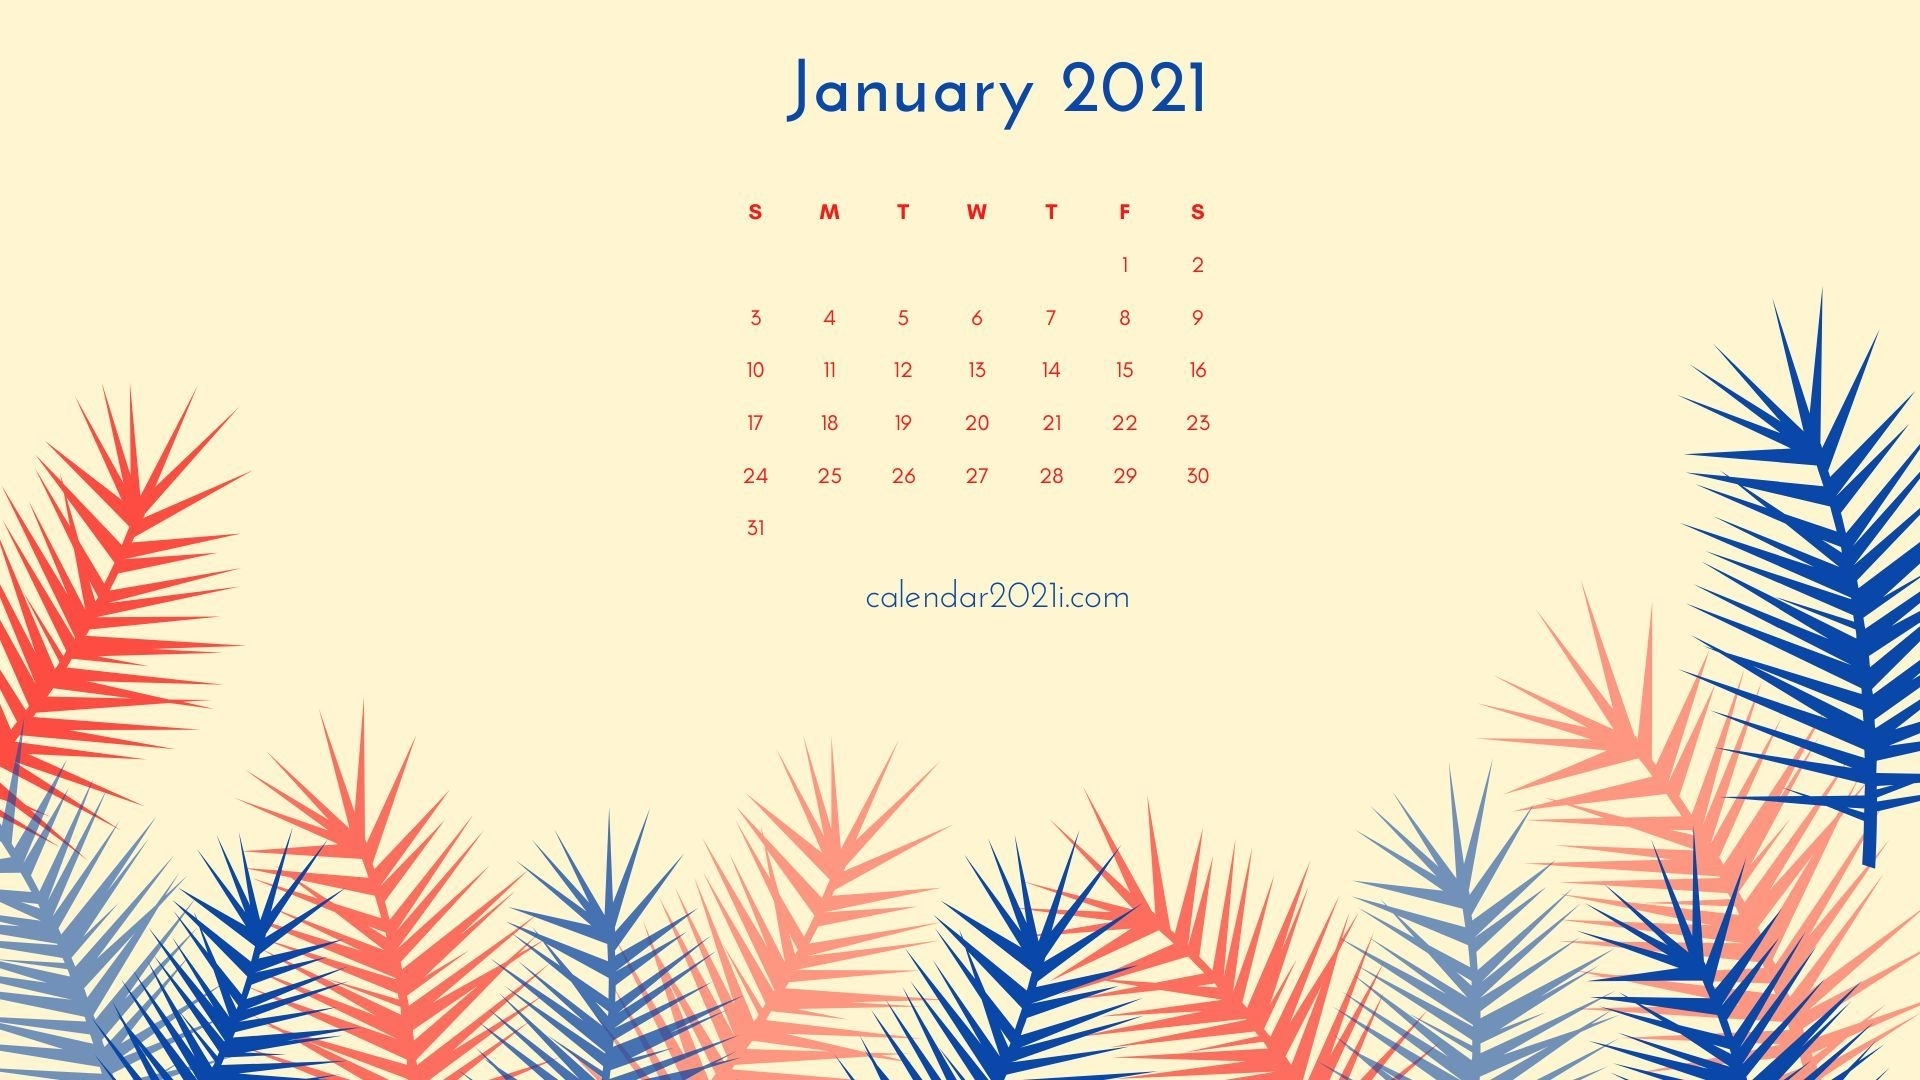 Catch Religious Calendar Screensavers Free 2021